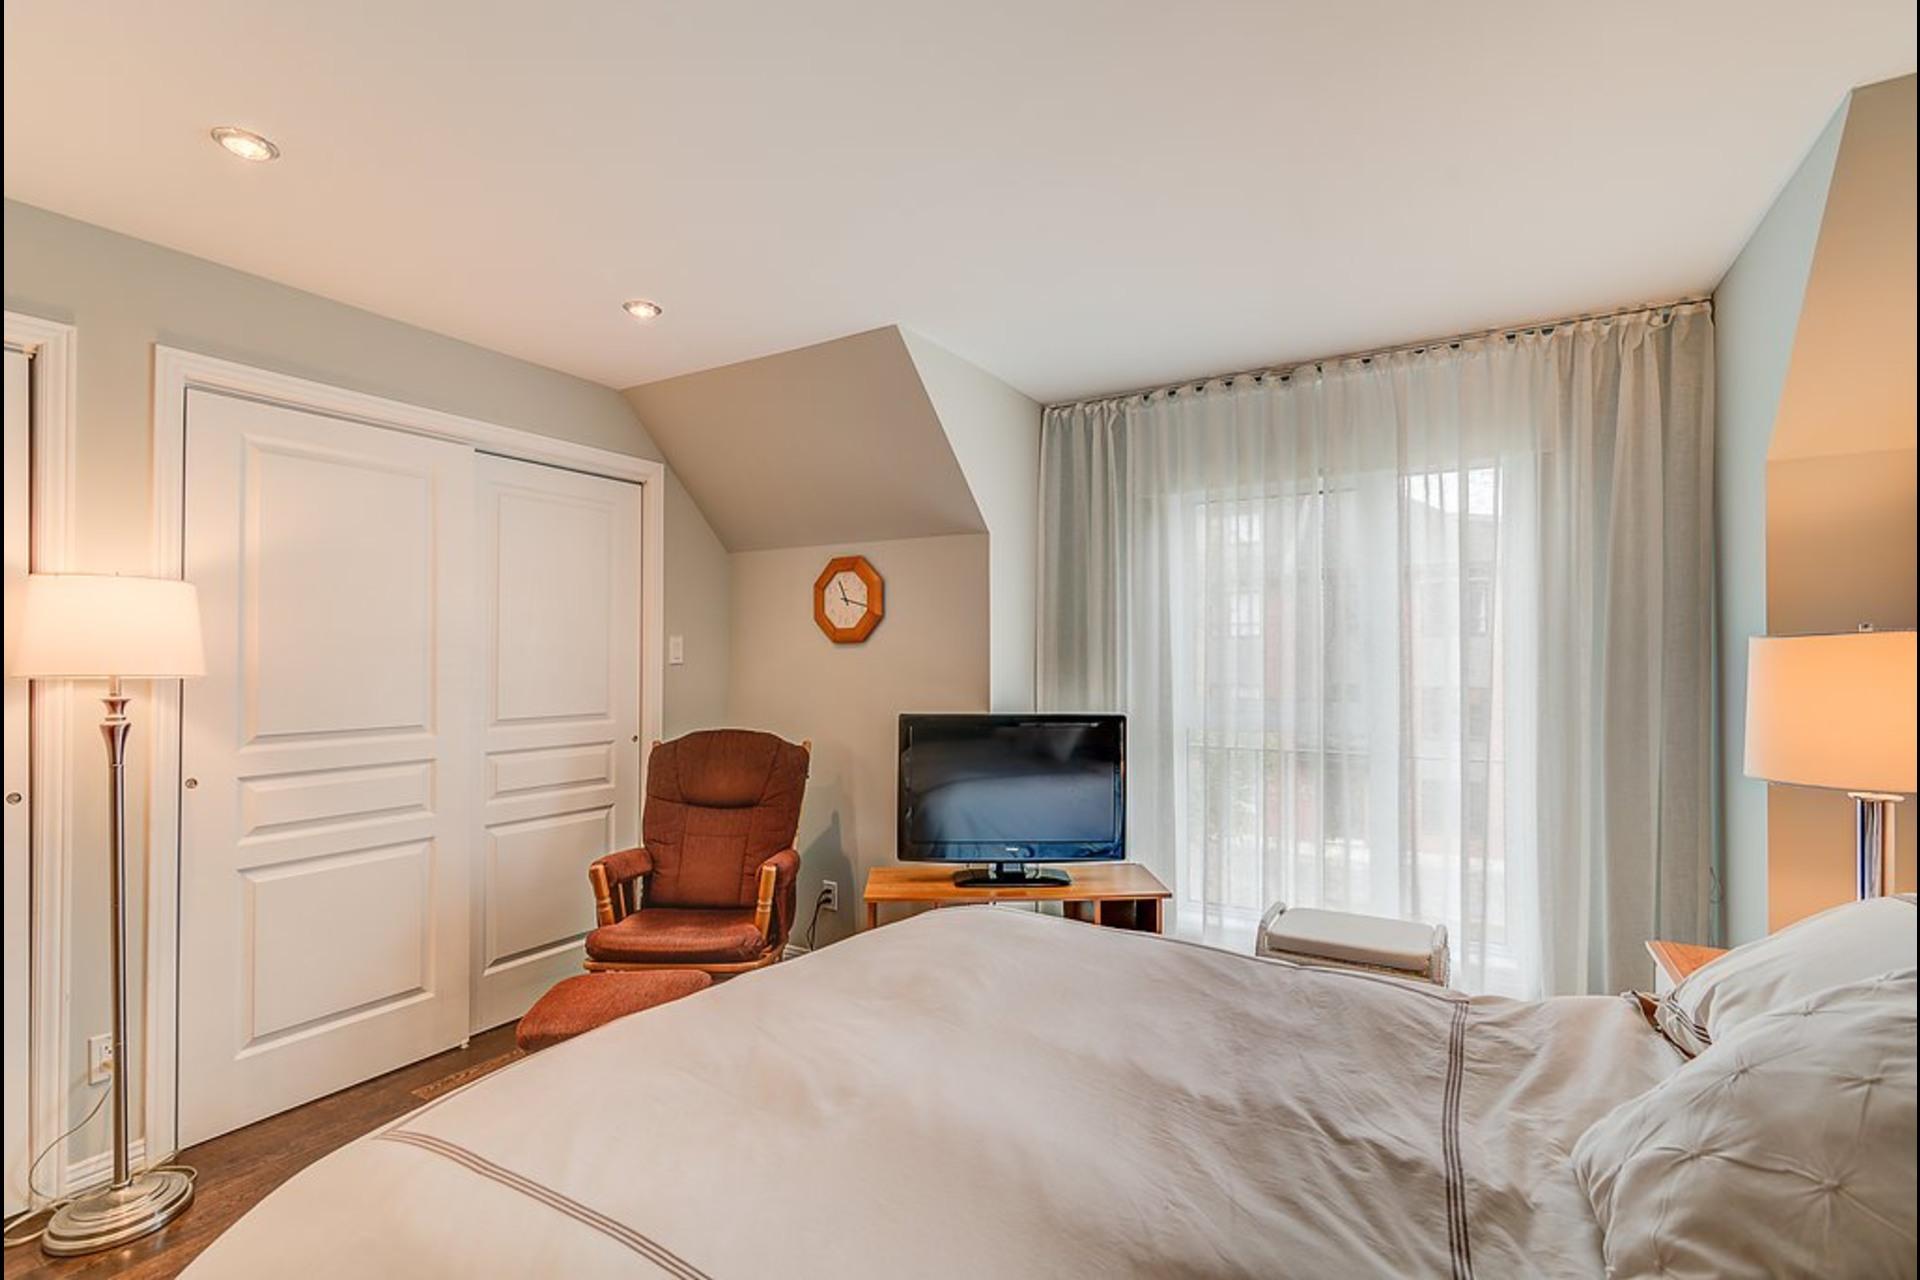 image 9 - Maison À vendre Boisbriand - 9 pièces